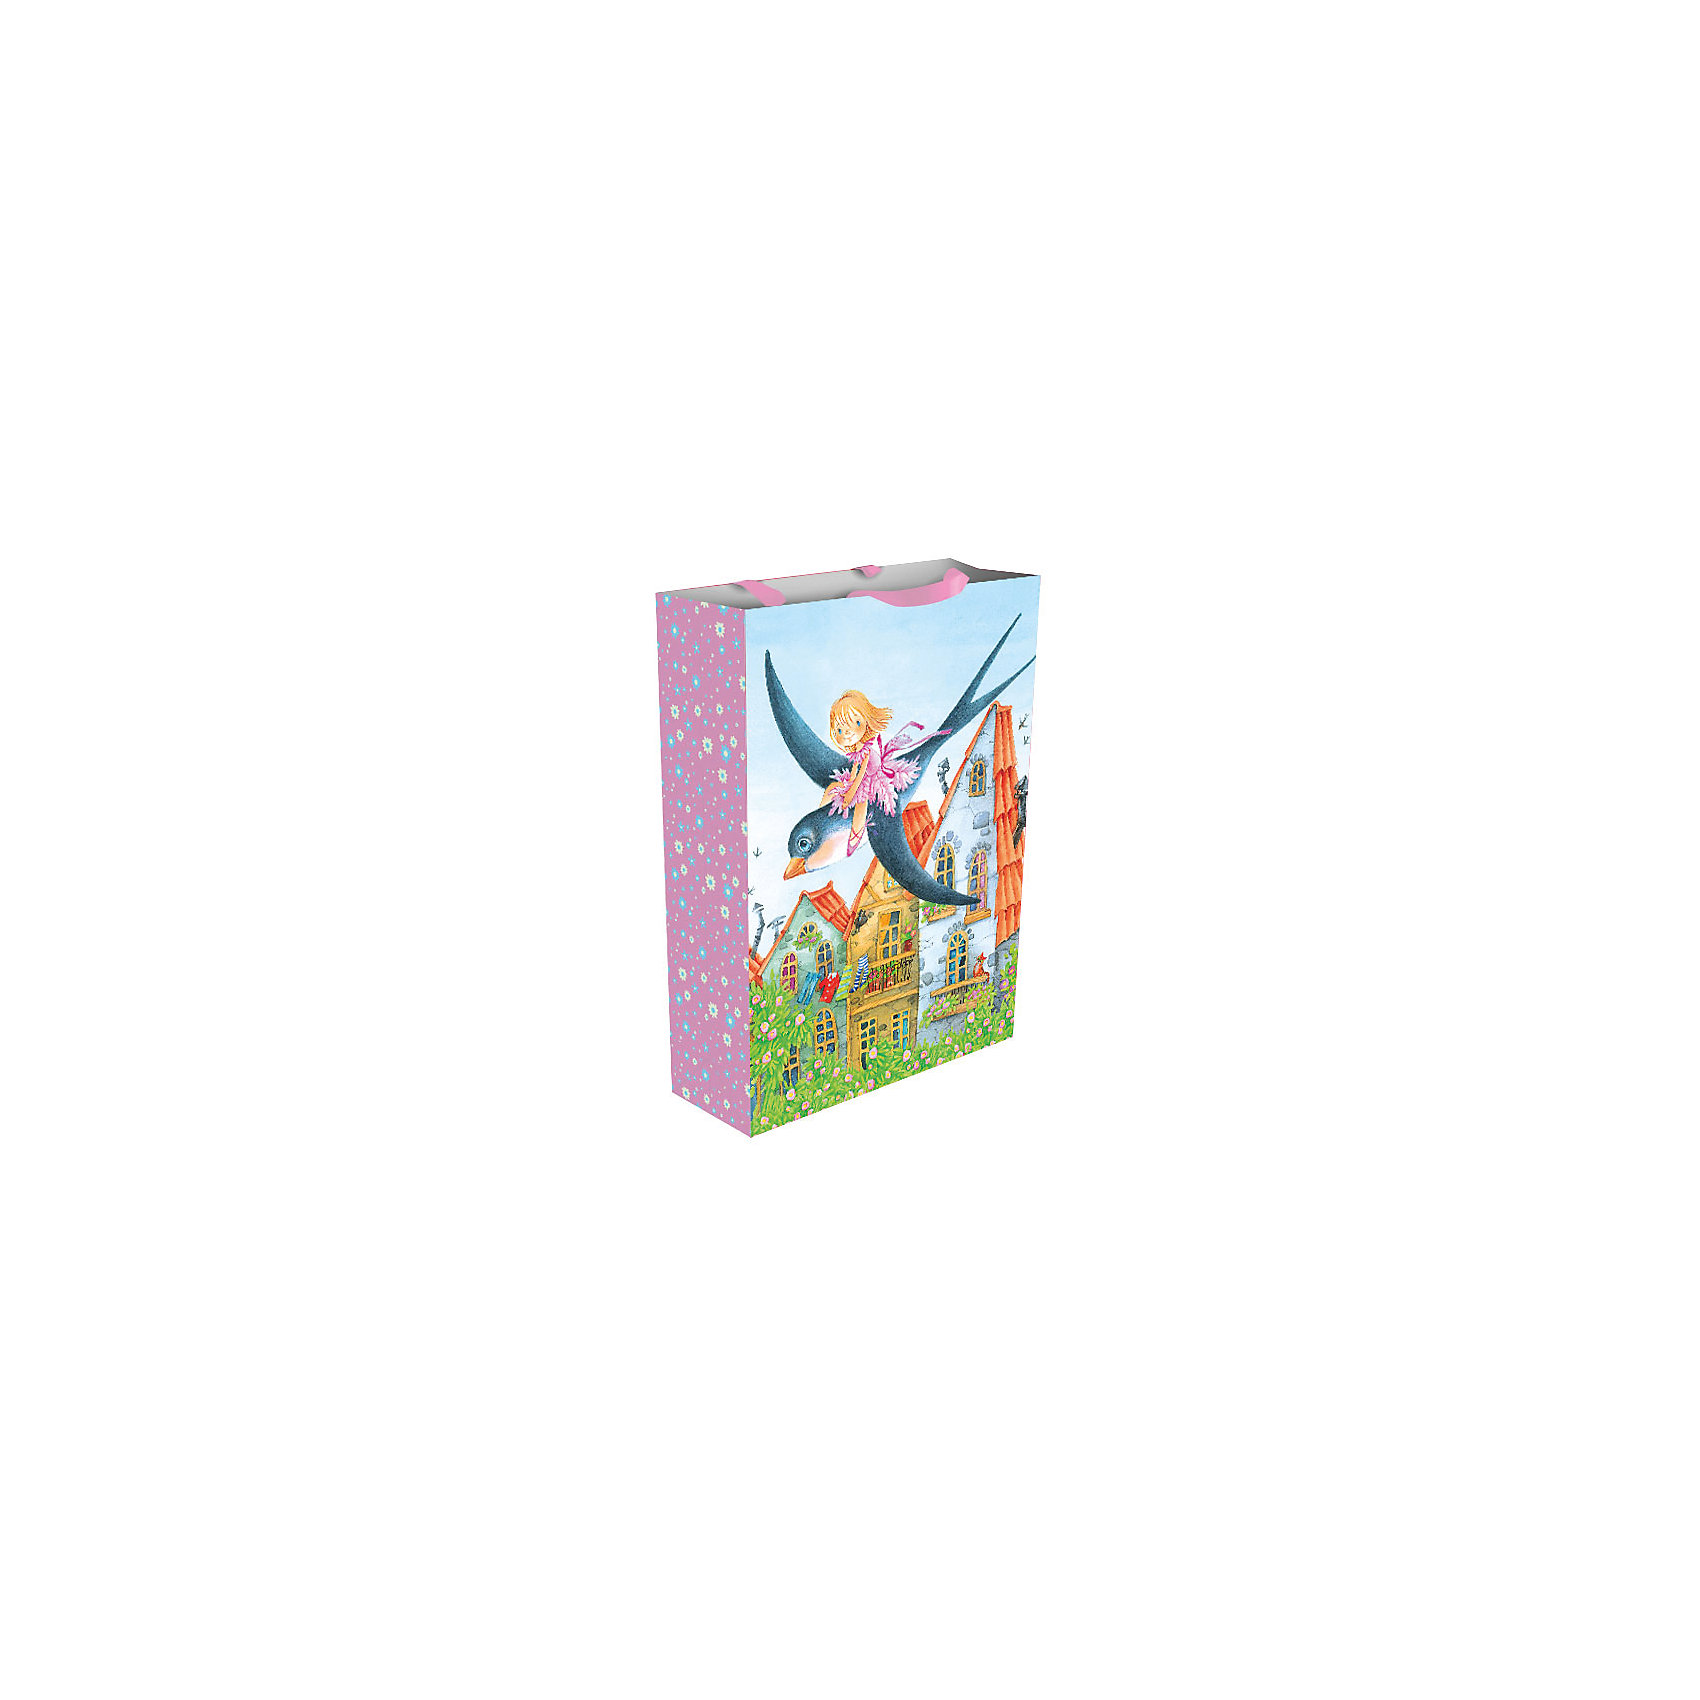 Пакет подарочный Дюймовочка и ласточка 35*25*9 смПодарочный пакет Дюймовочка и ласточка поможет Вам красиво и оригинально оформить подарок для девочки. Пакет с двумя ленточными ручками украшен ярким рисунком с изображением героини известной сказки, летящей на ласточке в теплые края.<br><br>Дополнительная информация:<br><br>- Материал: бумага. <br>- Размер пакета: 35 х 25 х 9 см.<br>- Вес: 78 гр.<br><br>Пакет подарочный Дюймовочка и ласточка можно купить в нашем интернет-магазине.<br><br>Ширина мм: 350<br>Глубина мм: 250<br>Высота мм: 5<br>Вес г: 78<br>Возраст от месяцев: 36<br>Возраст до месяцев: 108<br>Пол: Унисекс<br>Возраст: Детский<br>SKU: 4244177